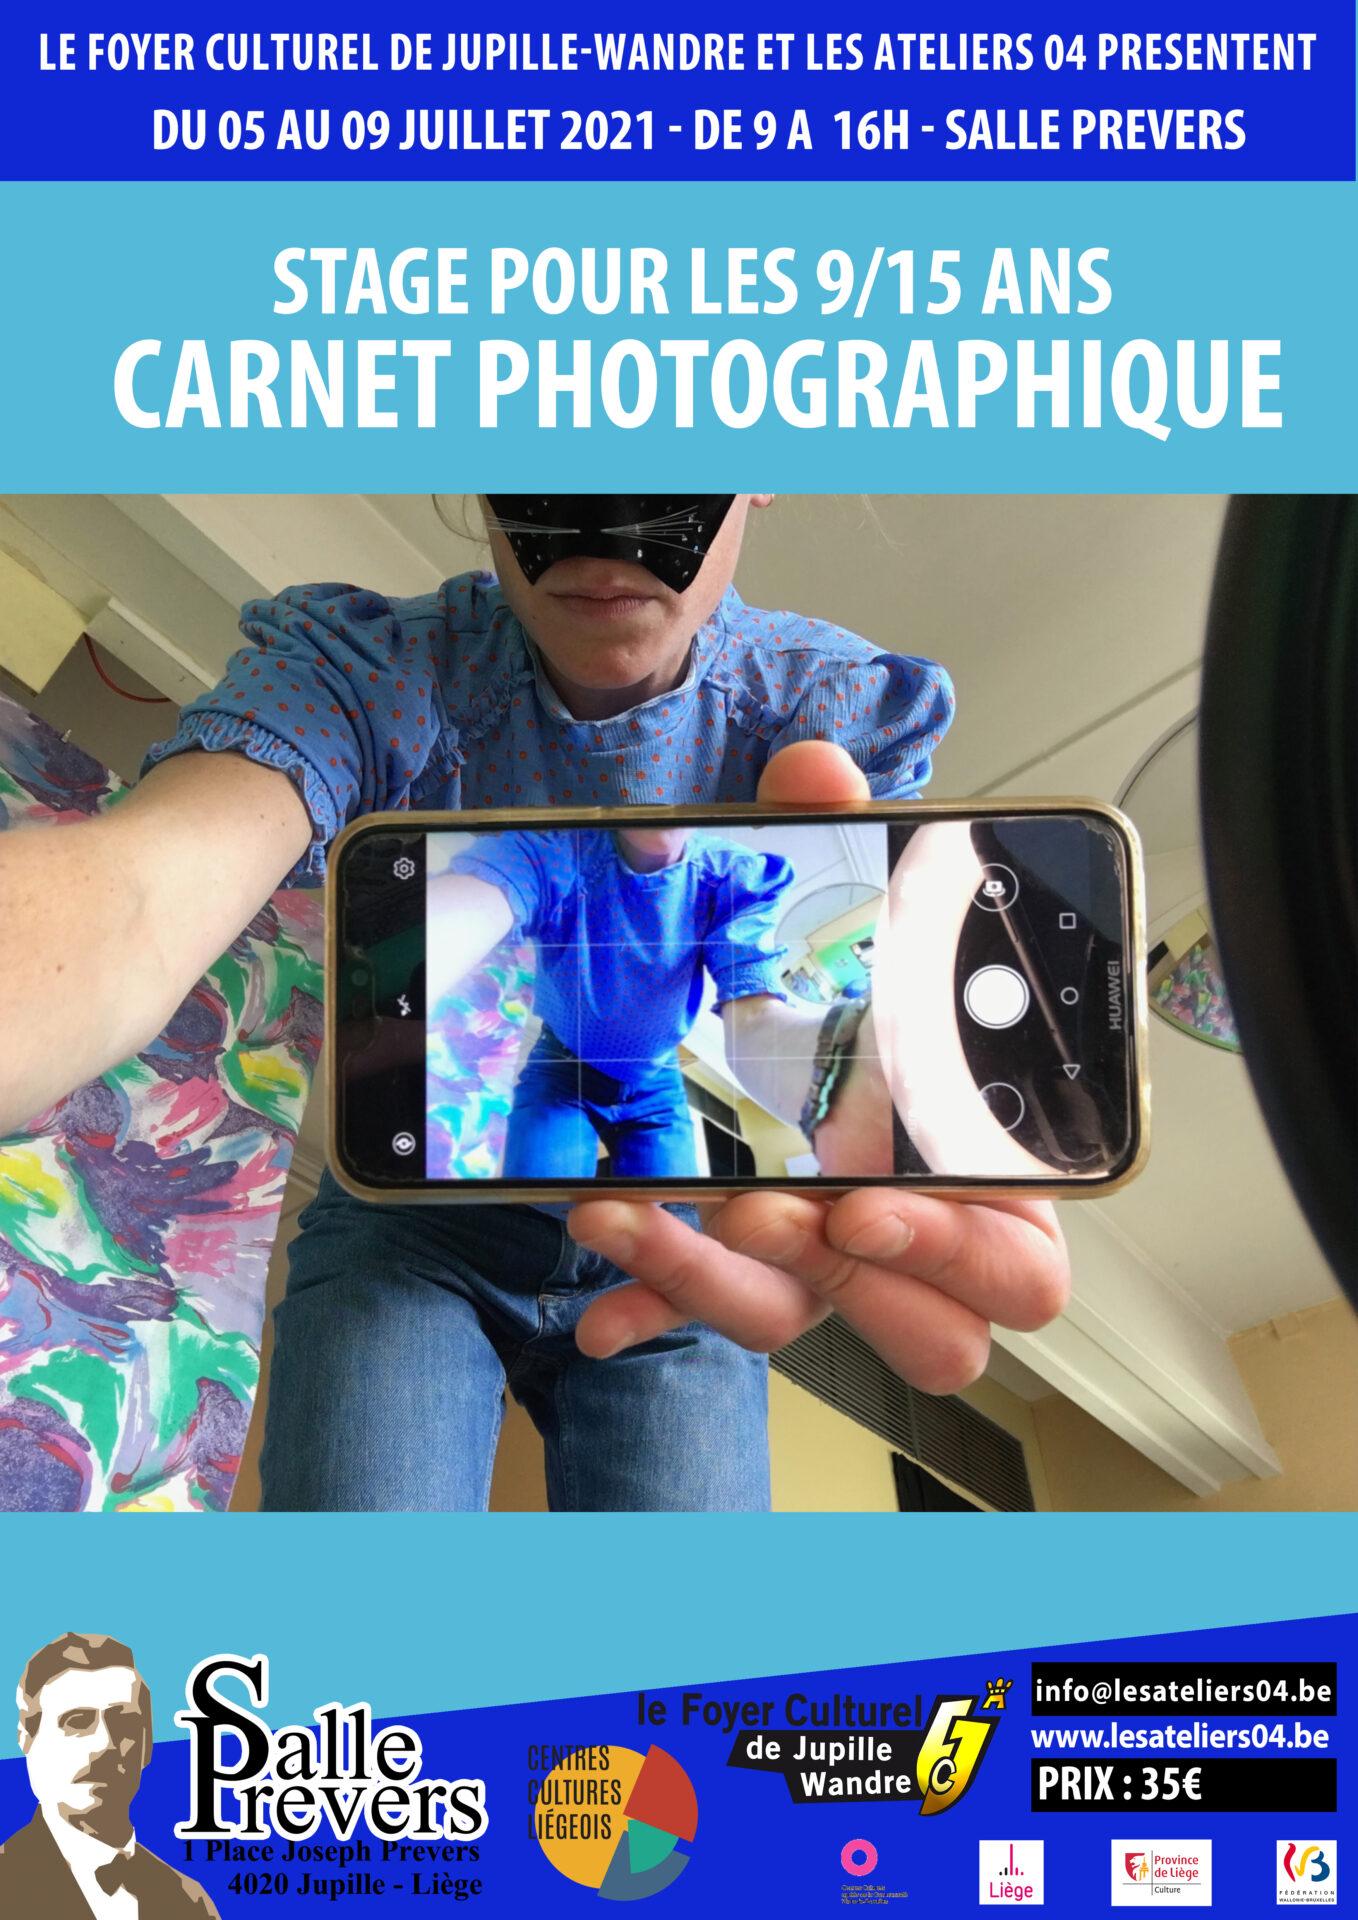 Carnet photographique - Stage pour les 9/15 ans